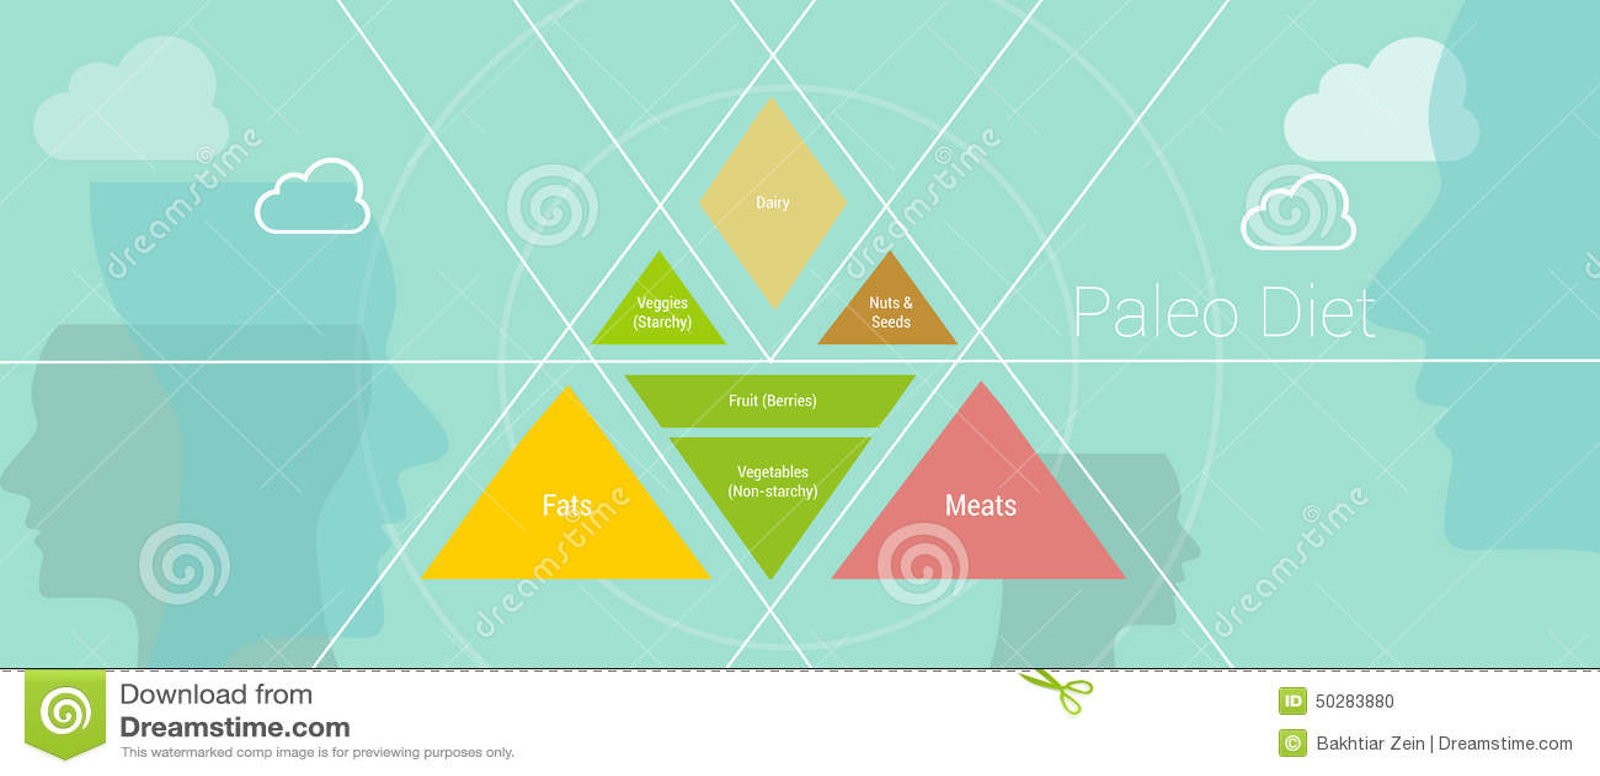 Dieta de Paleao